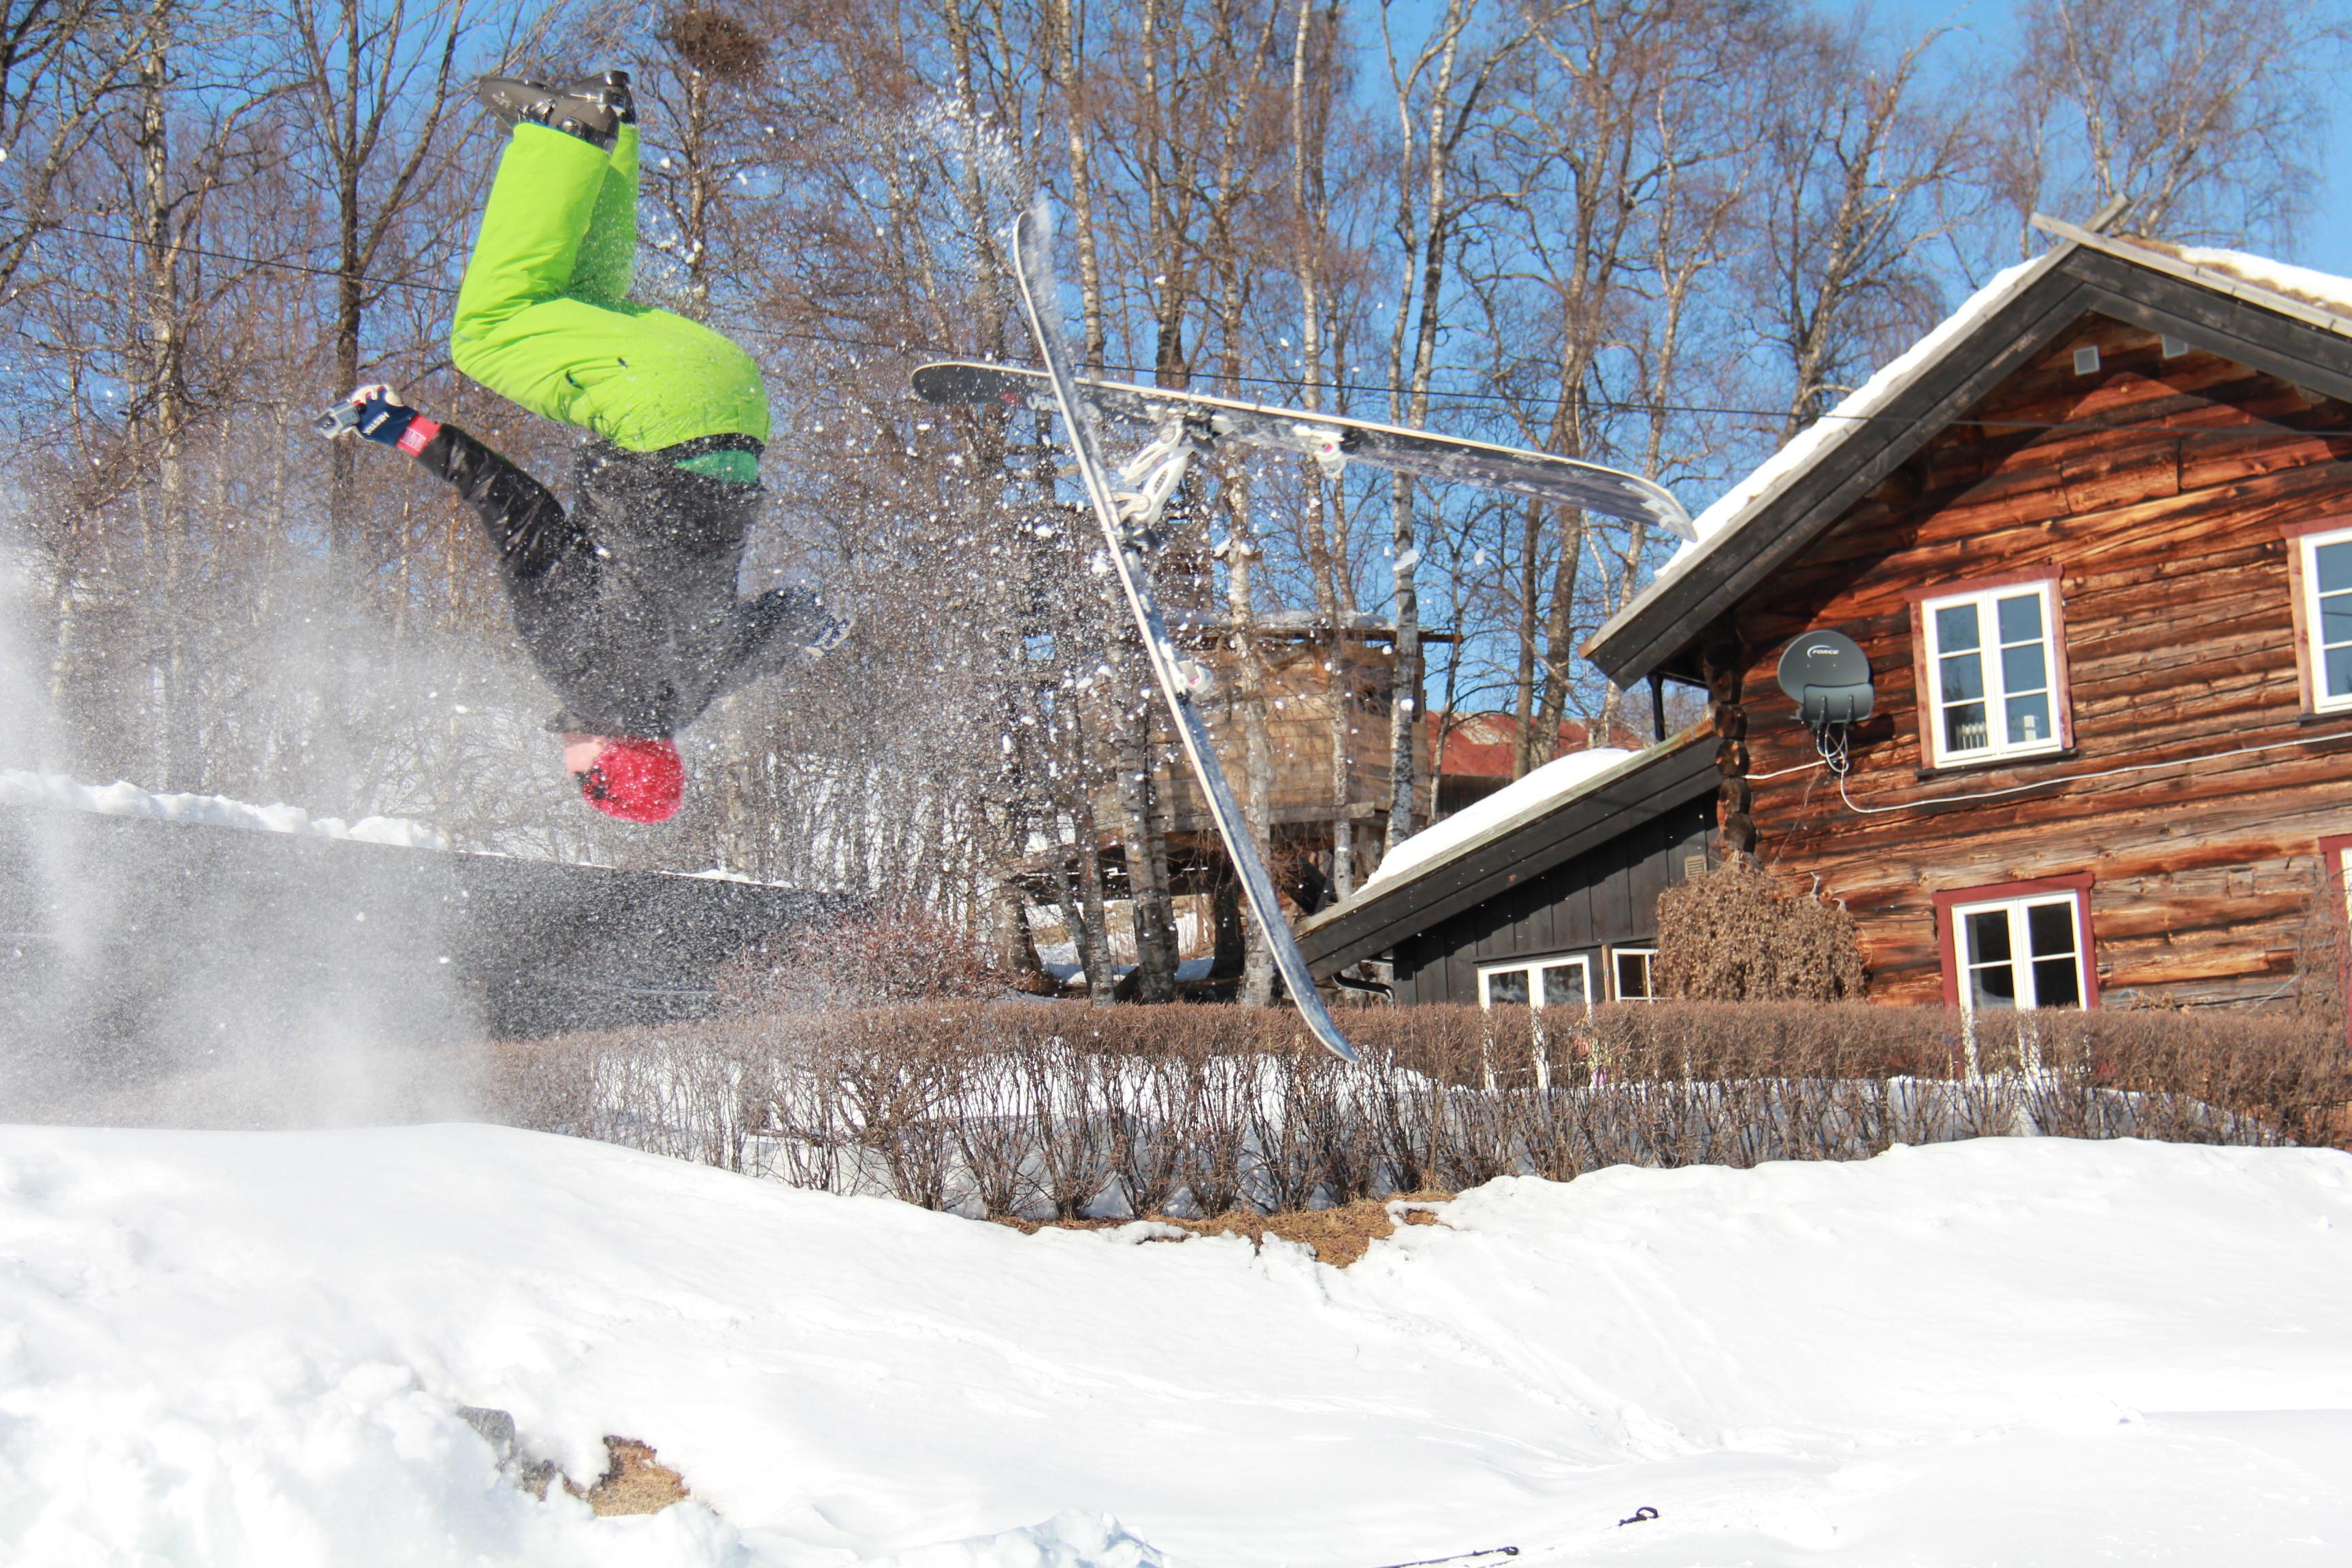 Lofthus startet med snowboardkjøring sammen med Terje Håkonsen og er fortsatt aktiv på ski.